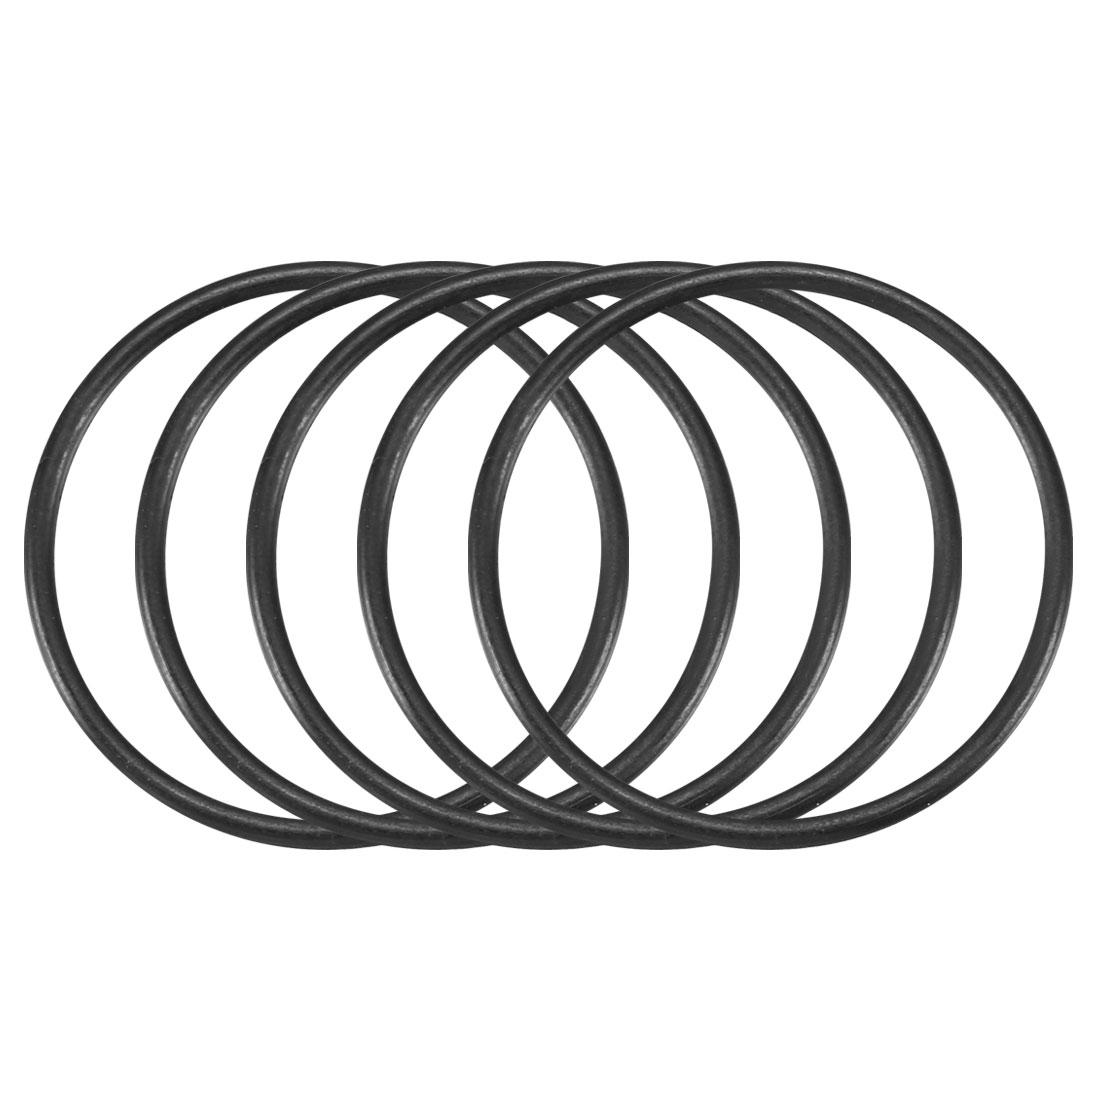 30pcs Black Nitrile Butadiene Rubber NBR O-Ring 25mm Inner Dia 1.5mm Width